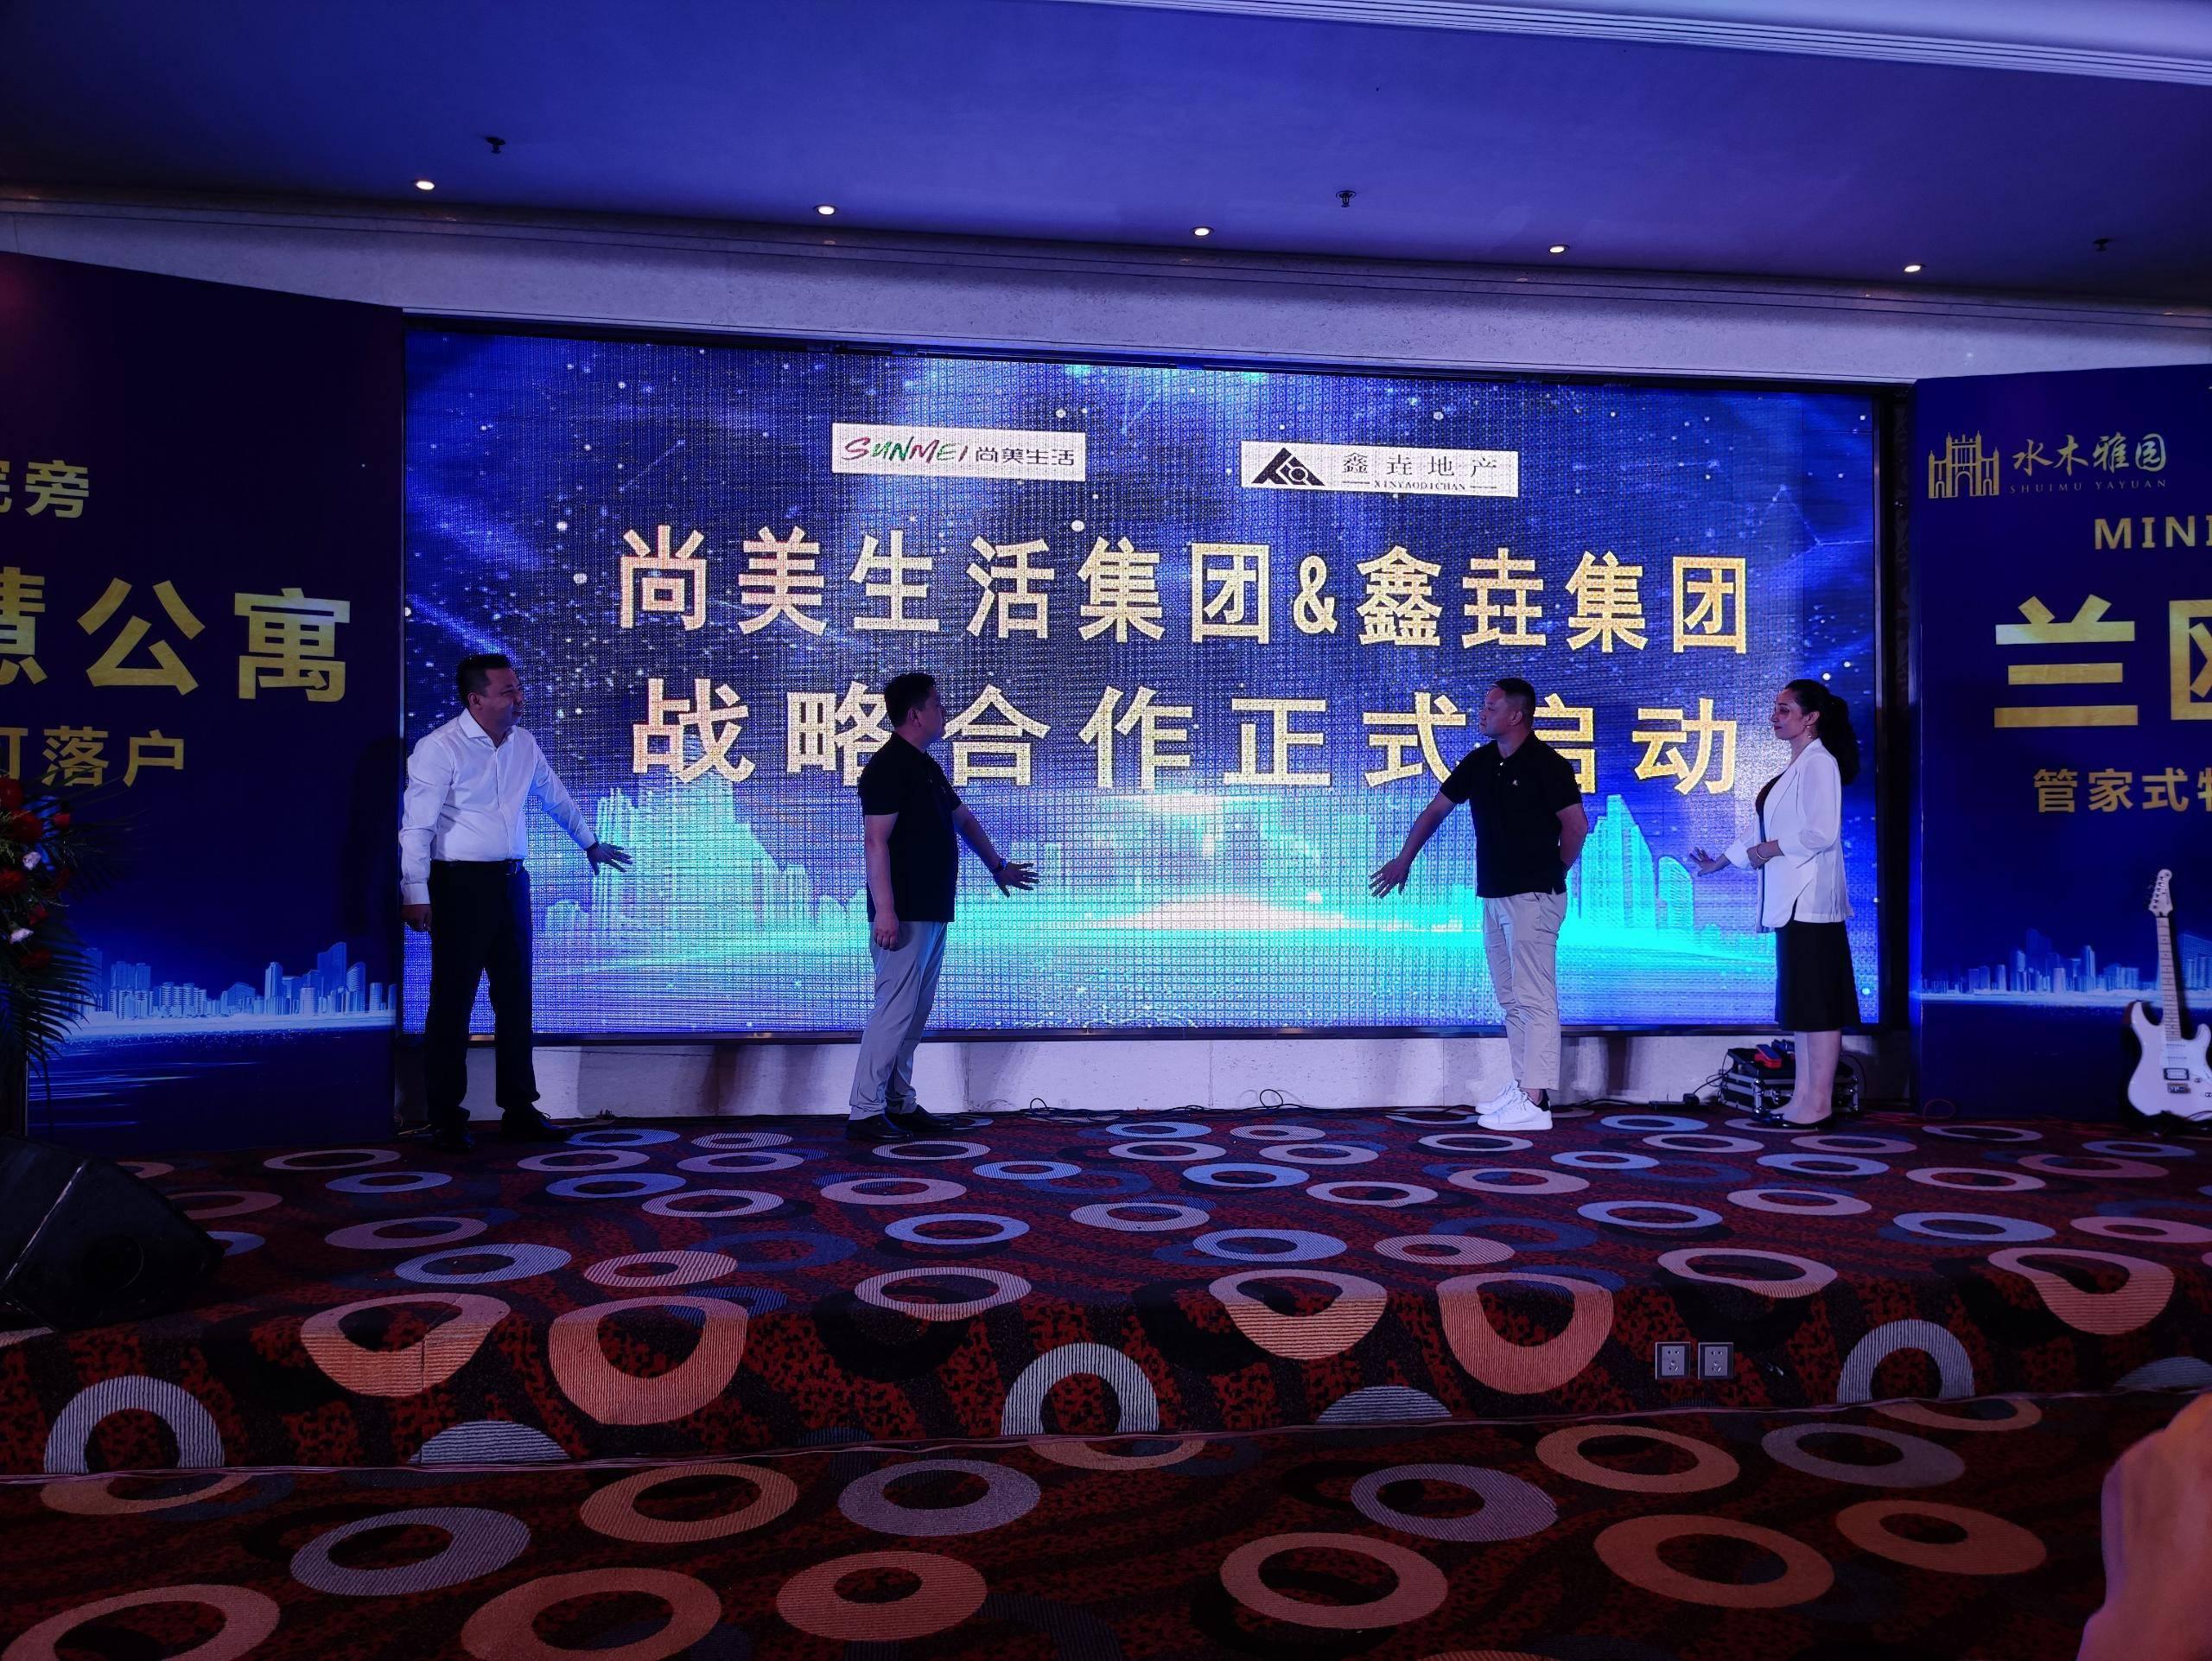 尚美生活集团与鑫垚集团达成战略合作,多元业态构建全新价值链